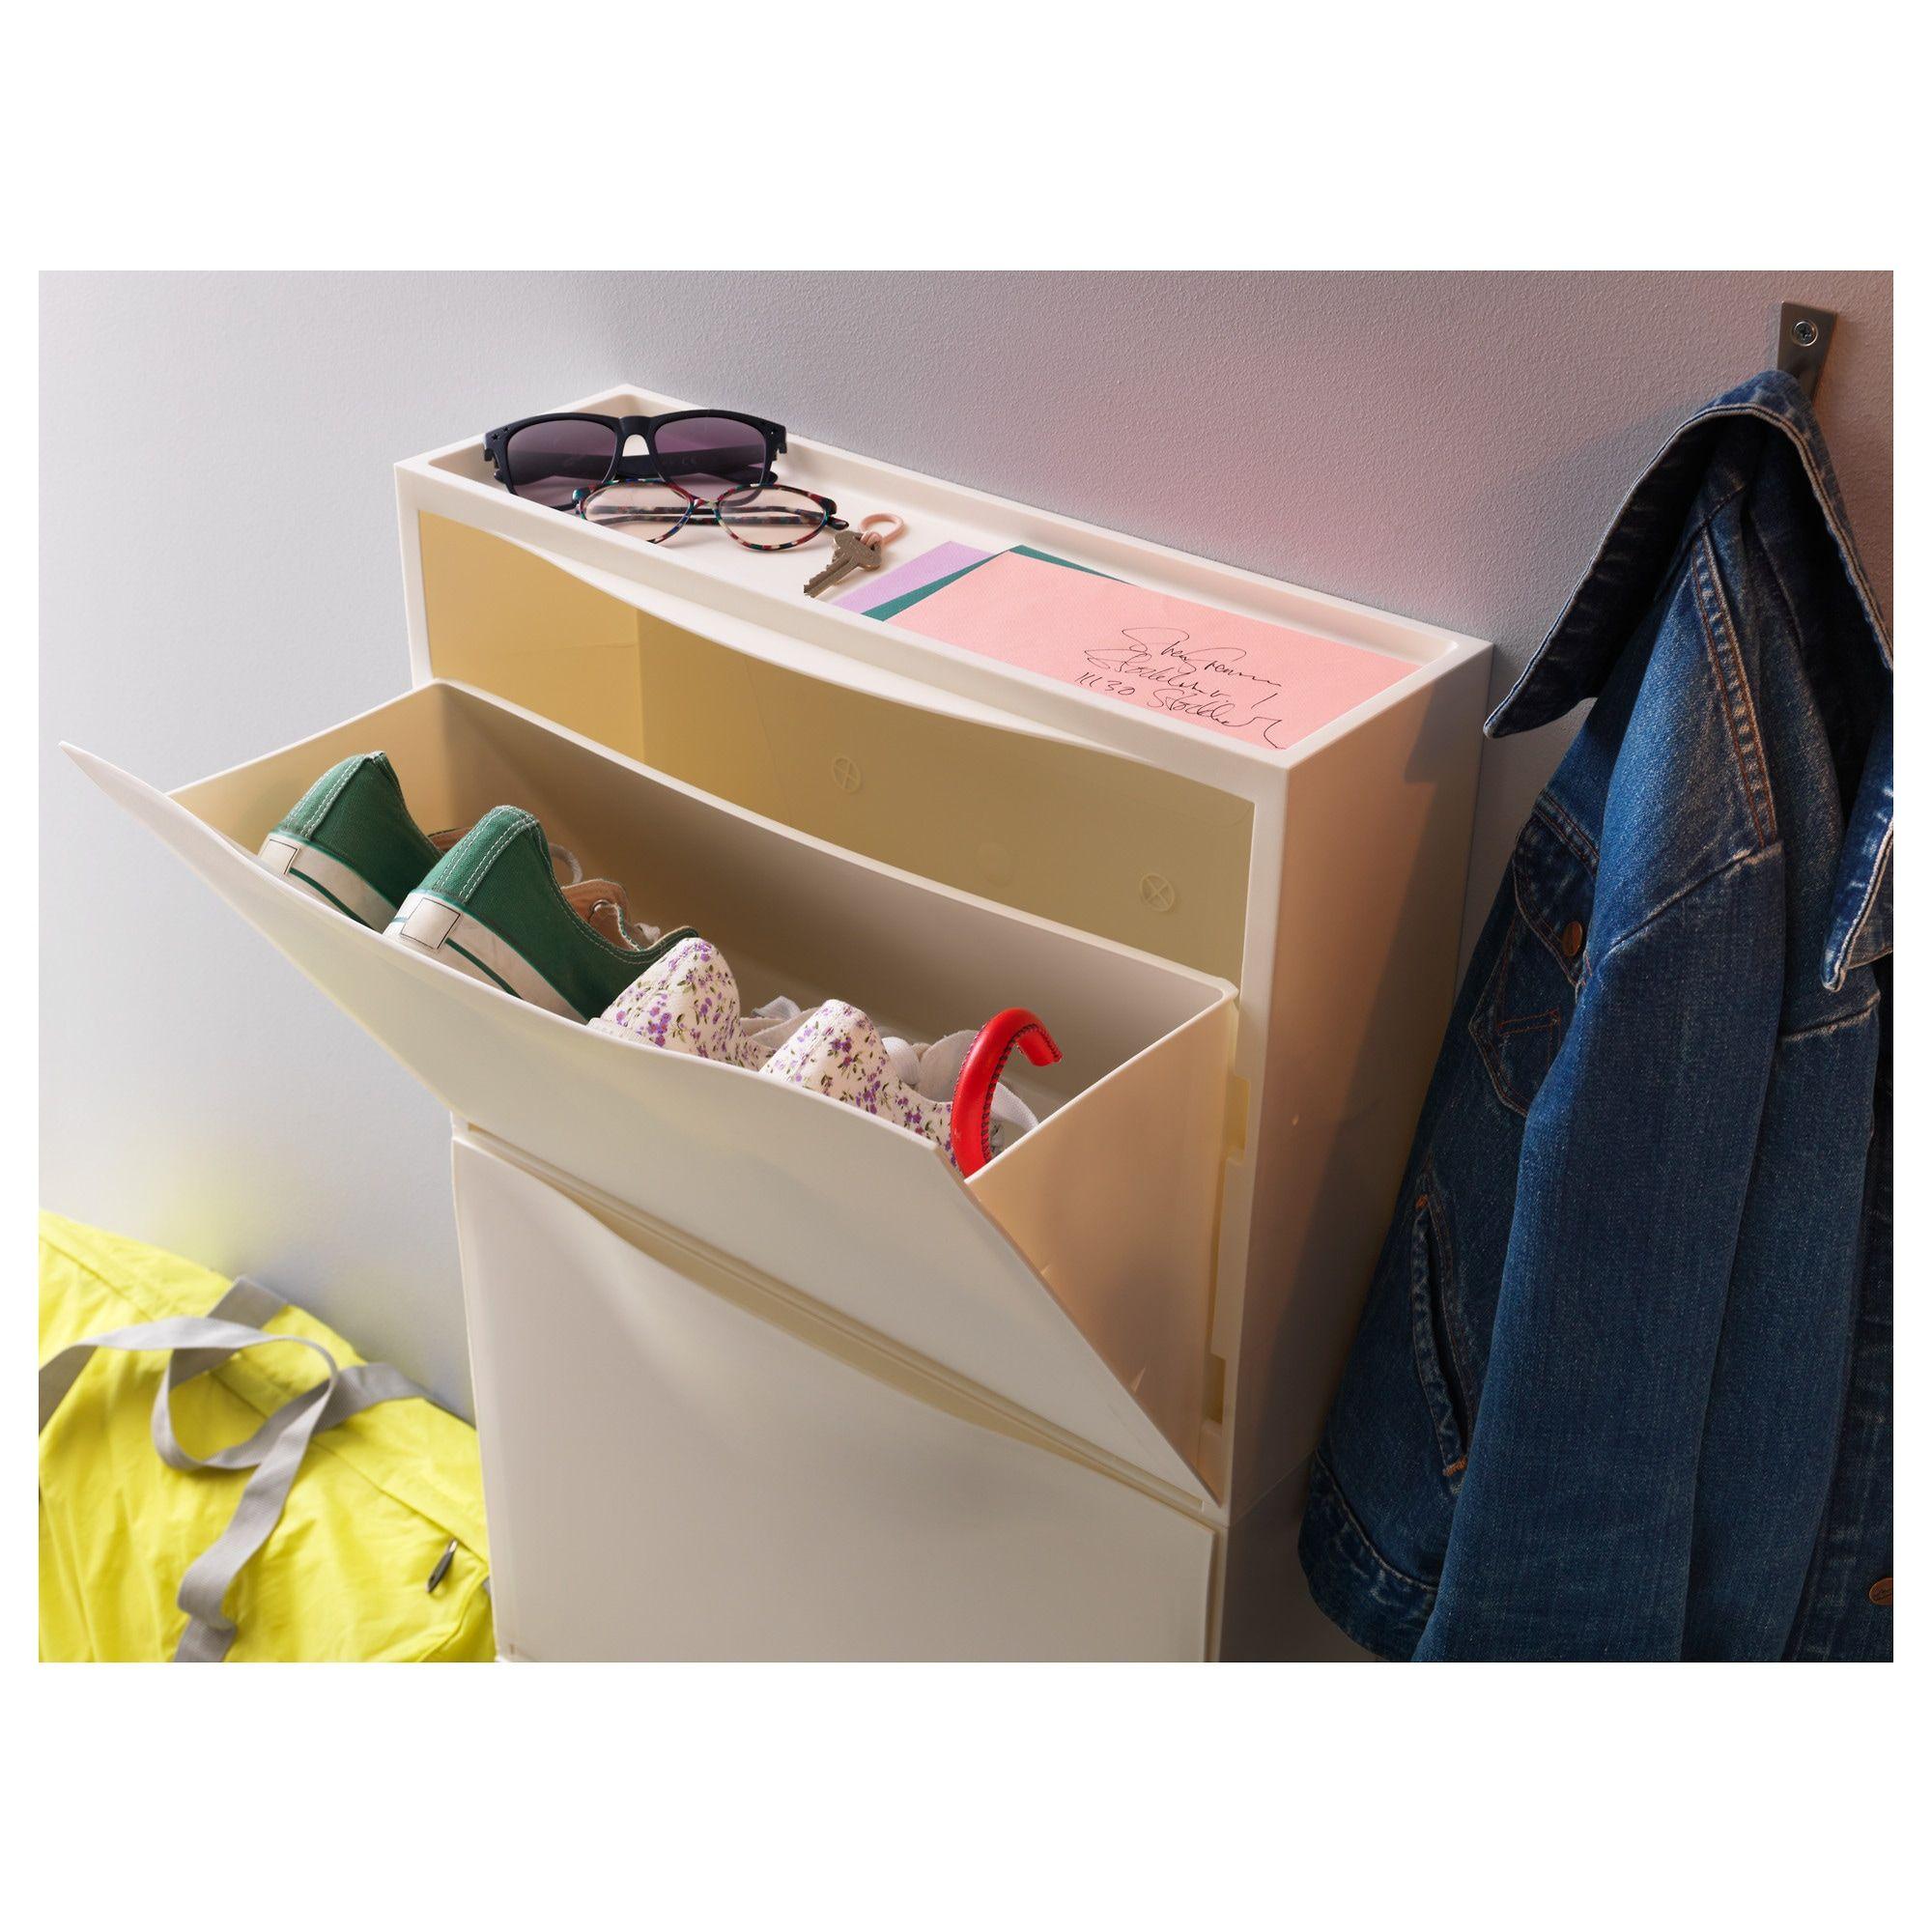 IKEA Shoe Cabinetstorage Trones Yellow